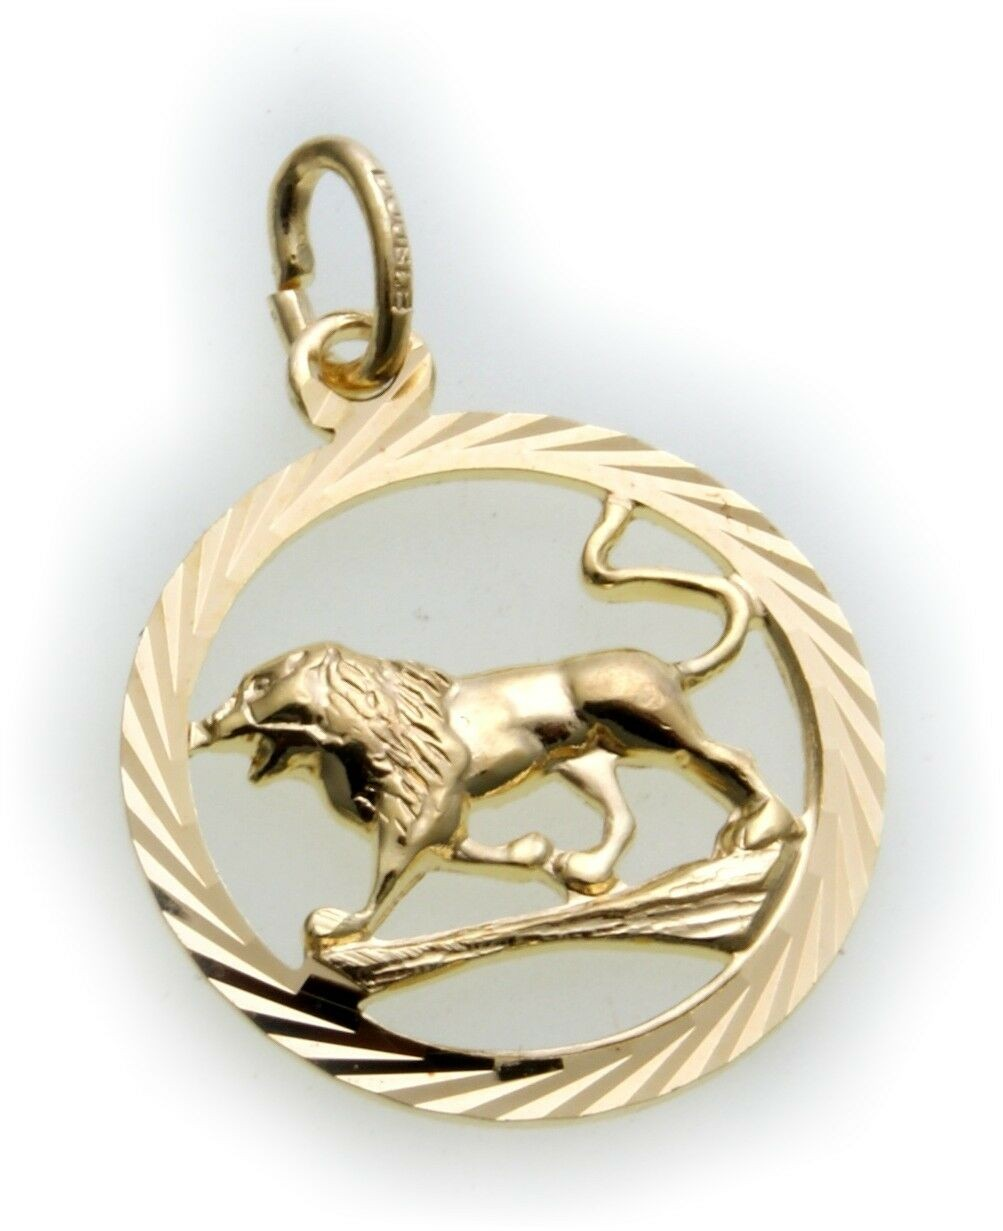 Anhänger Sternzeichen Löwe durchbrochen Double vergoldet plastisch Horoskop